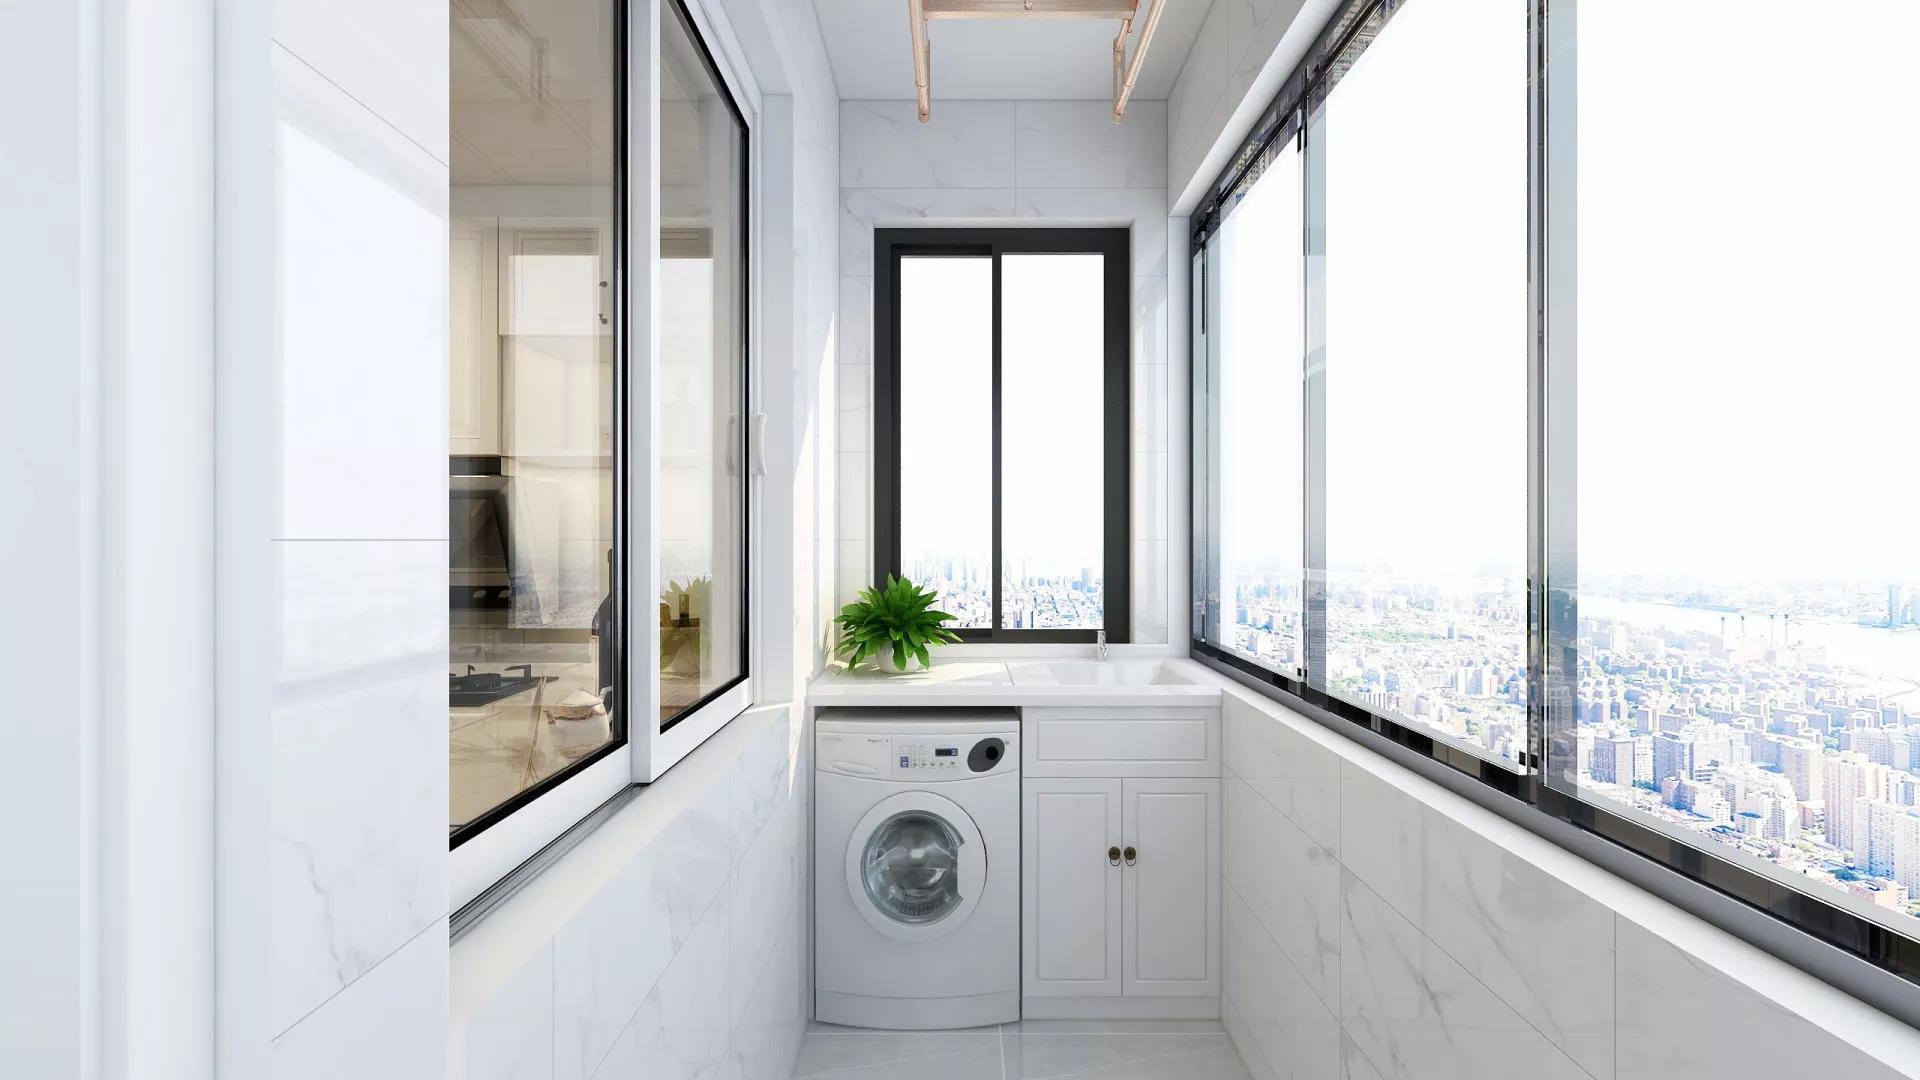 淋浴房要不要做挡水条 挡水条用什么材质好